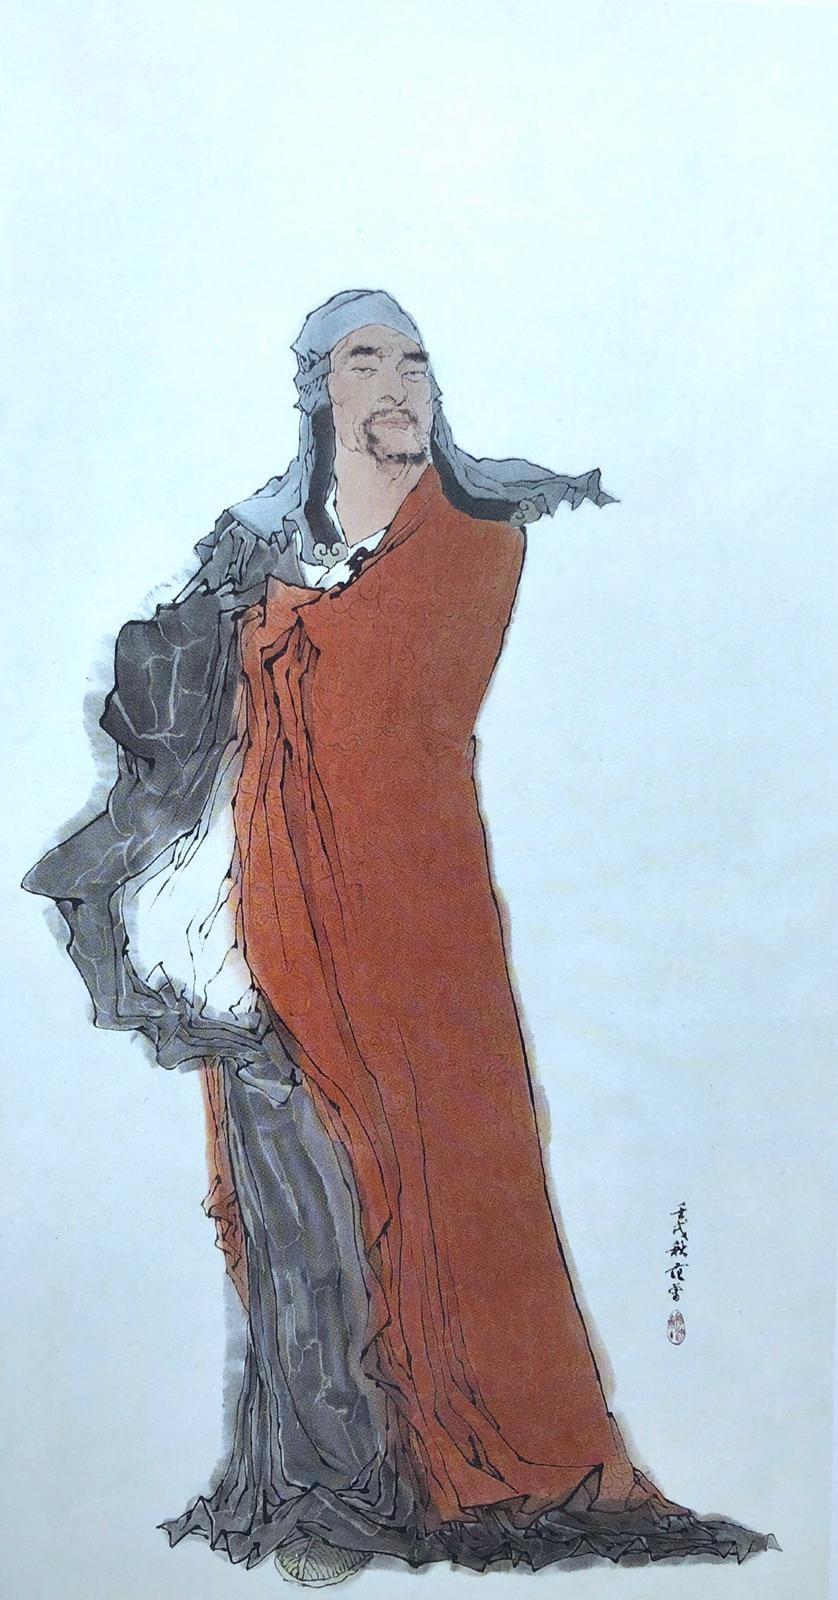 惠能不識字,卻能悟佛法之高妙,成為禪宗六祖。圖為范曾所繪的六祖惠能。(網絡圖片)